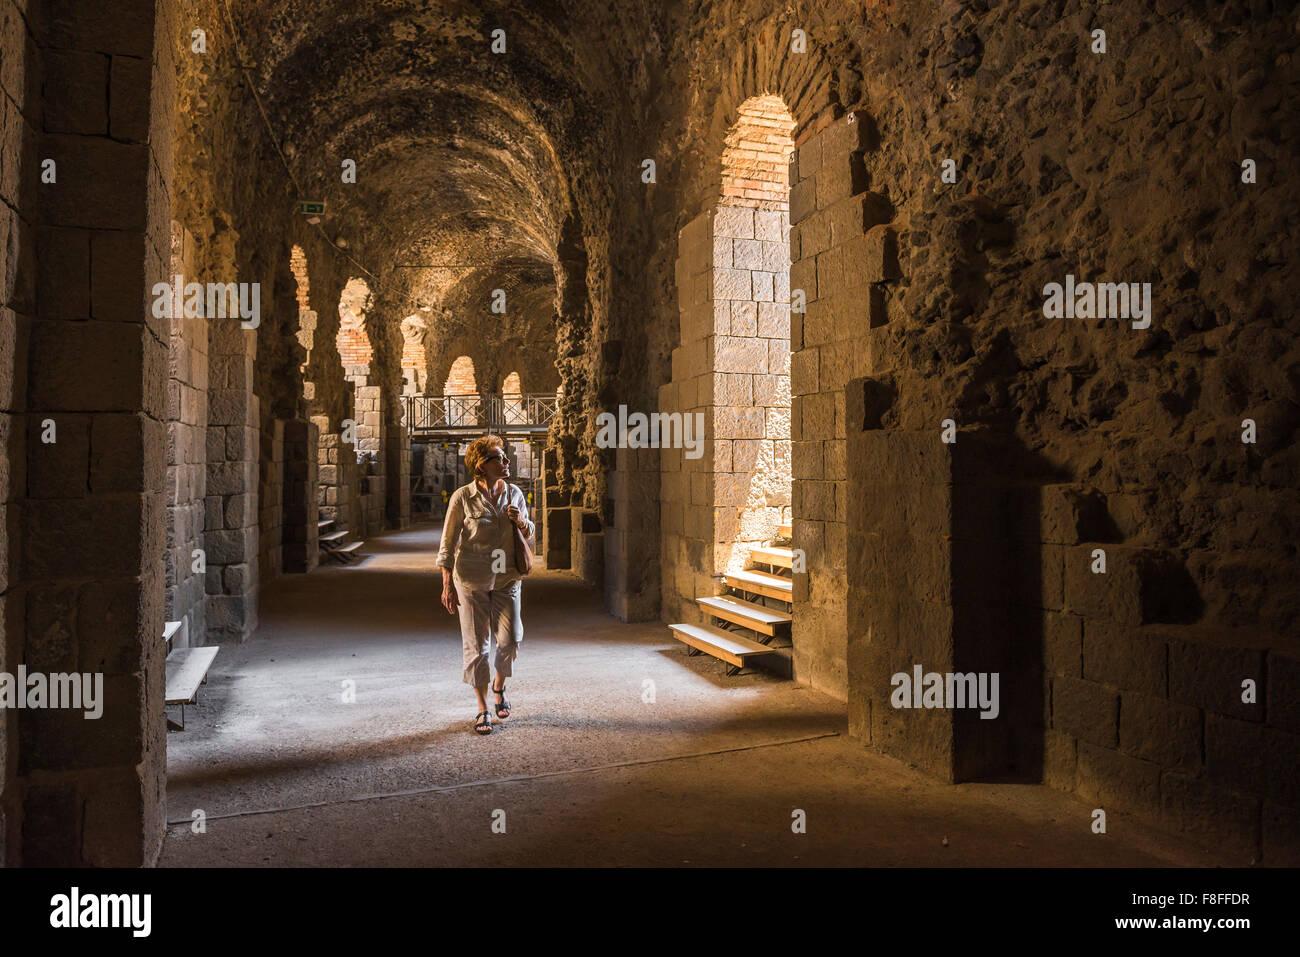 Frau reisen solo, eine Frau mittleren Alters Tourist in Catania erforscht die unterirdischen Korridor unterhalb Stockbild